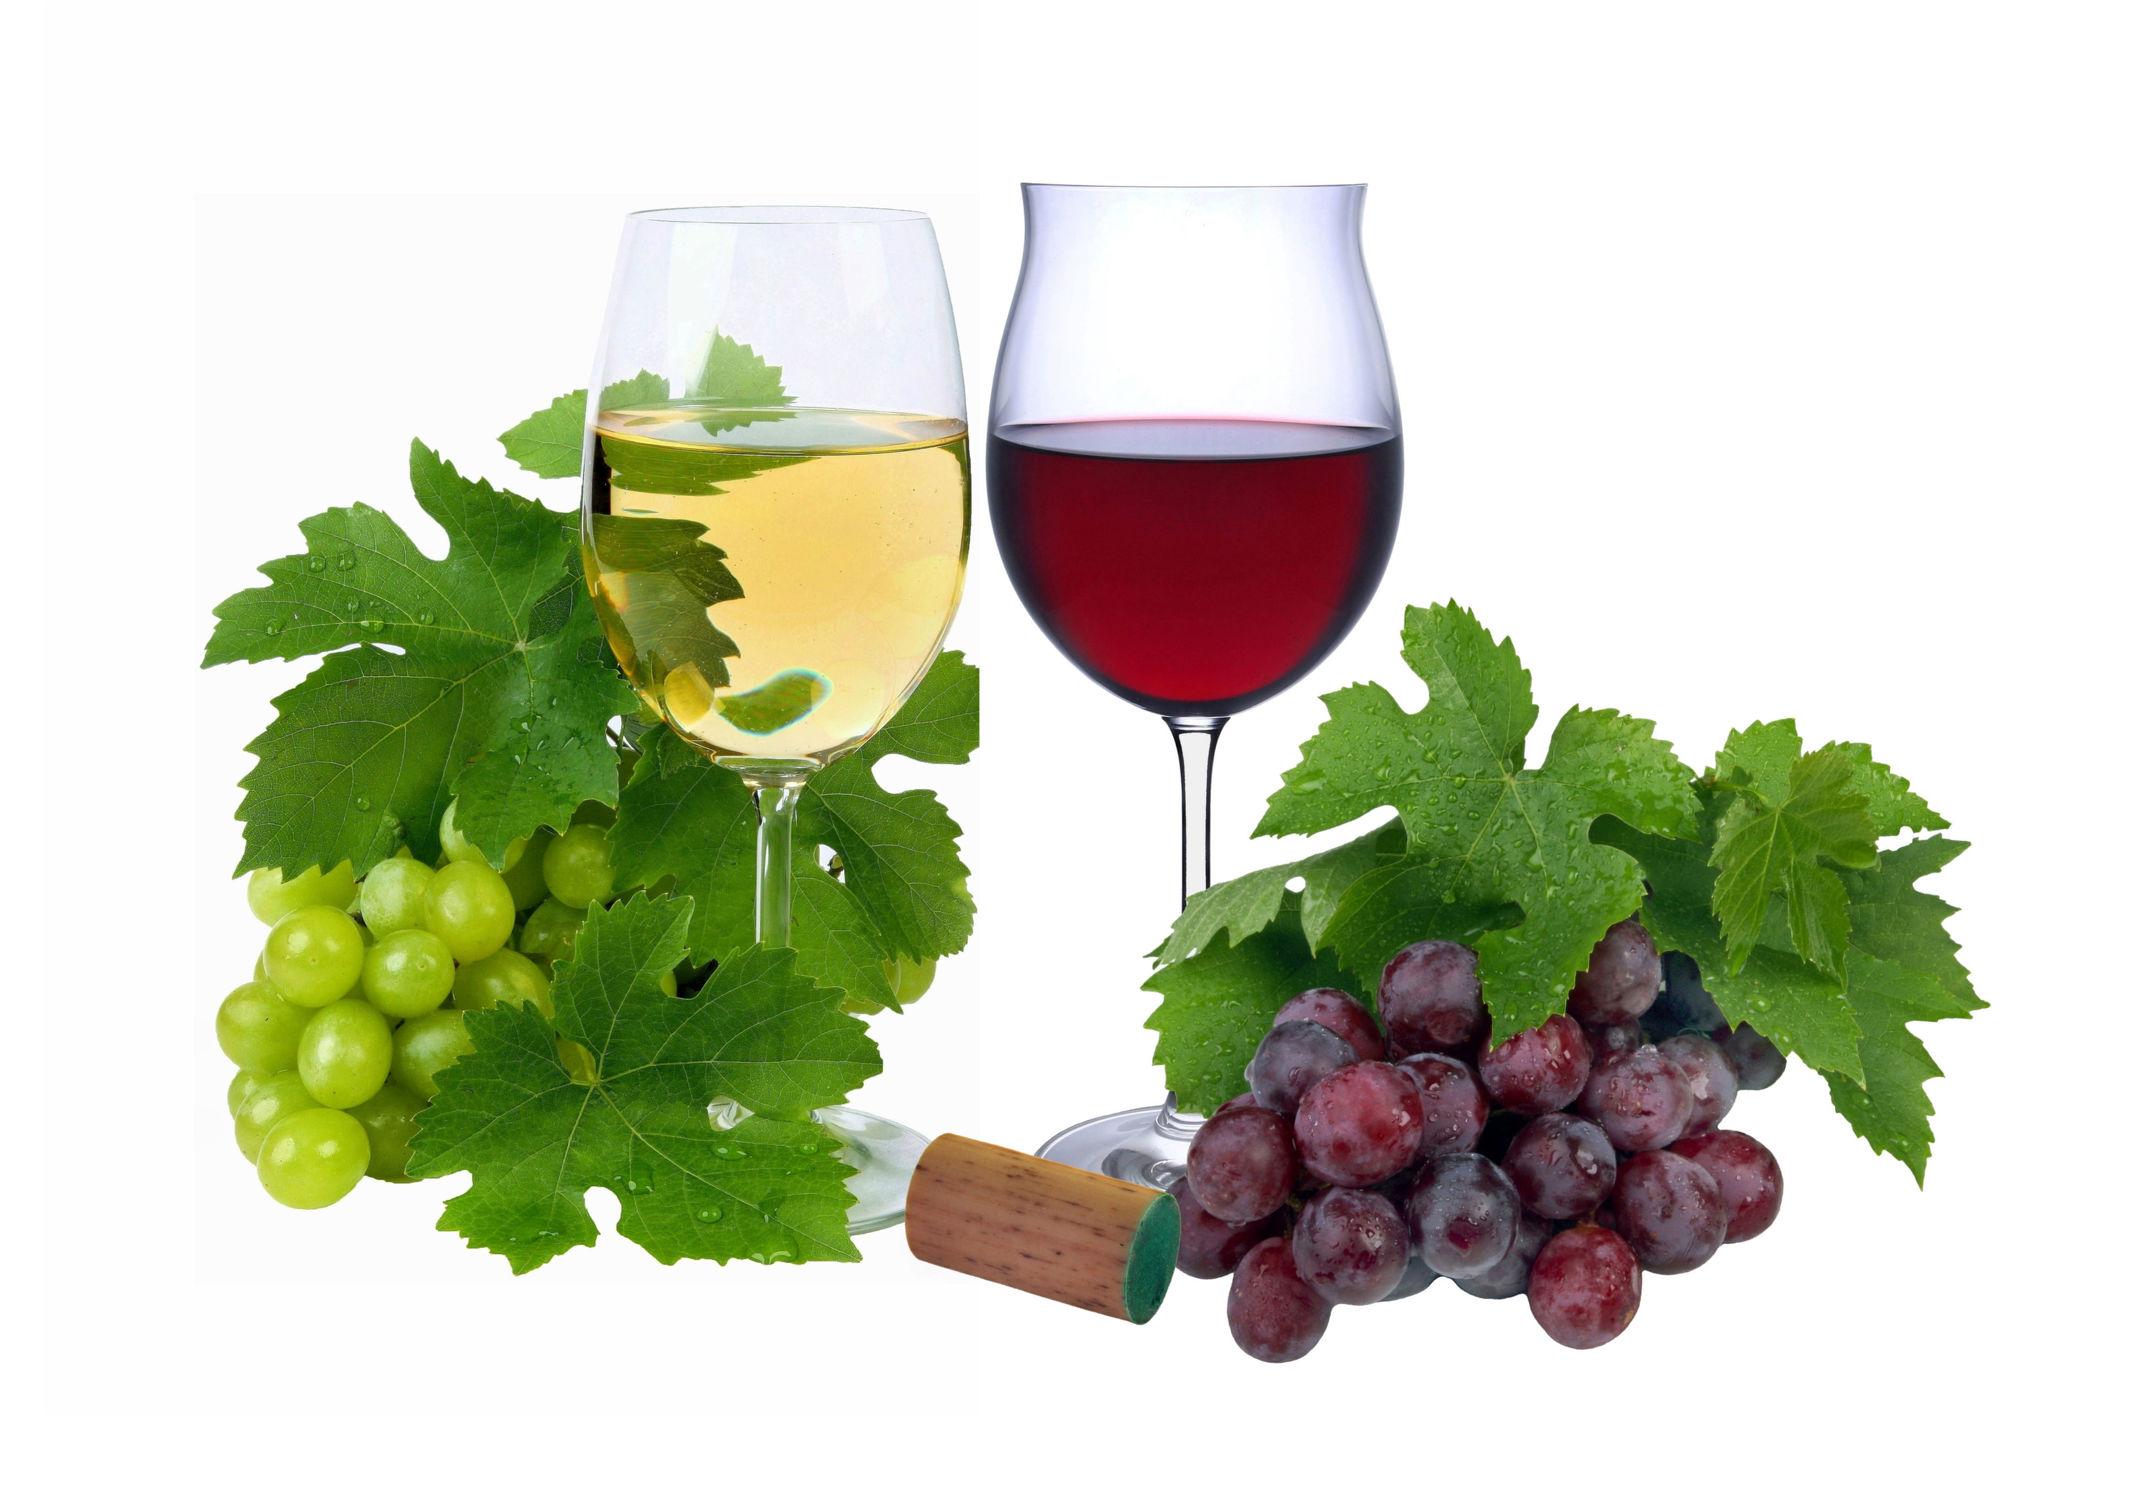 Bild mit Essen, Trinken, Weintrauben, Food, Wein, Getränk, Küche, Esszimmer, rotwein, rotweinglas, Weisswein, weißwein, weinblätter, weinlaub, weißweinglas, weissweinglas